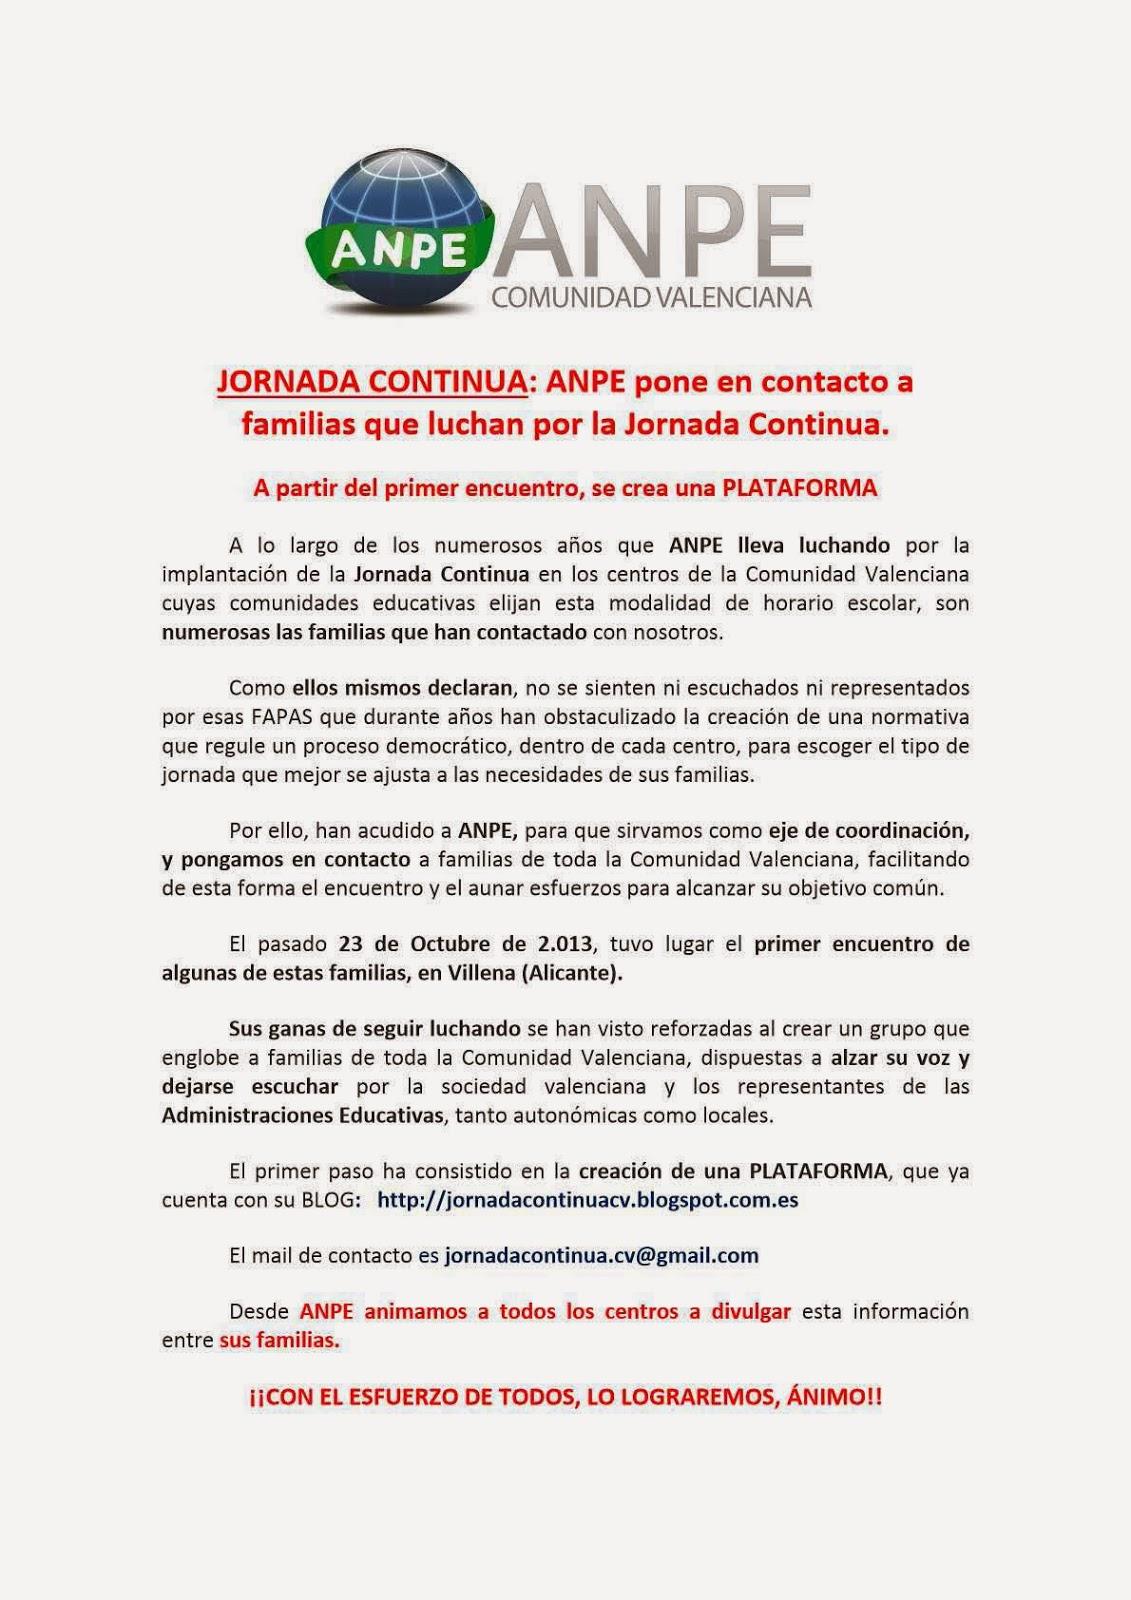 http://www.anpecv.es/docum/Plataforma-centros.pdf